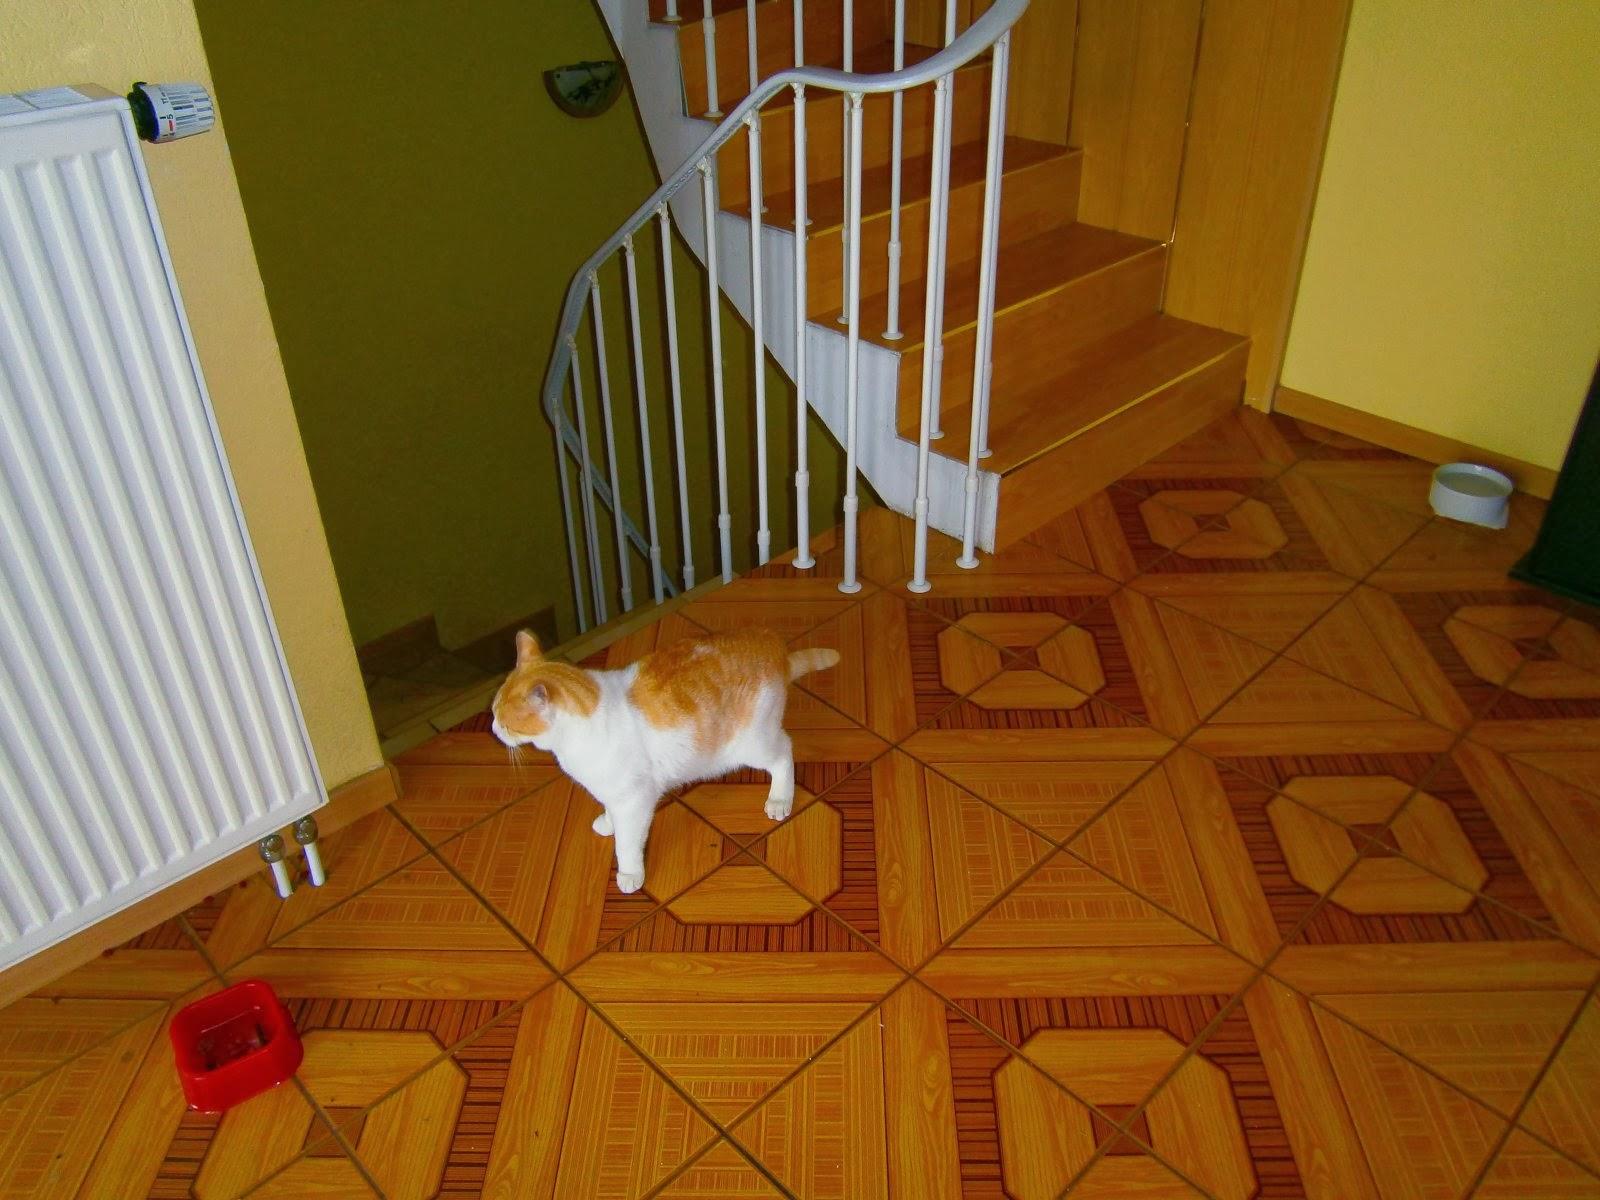 Treppenrenovierung - Podest-Fläche vor den Stufen vorher